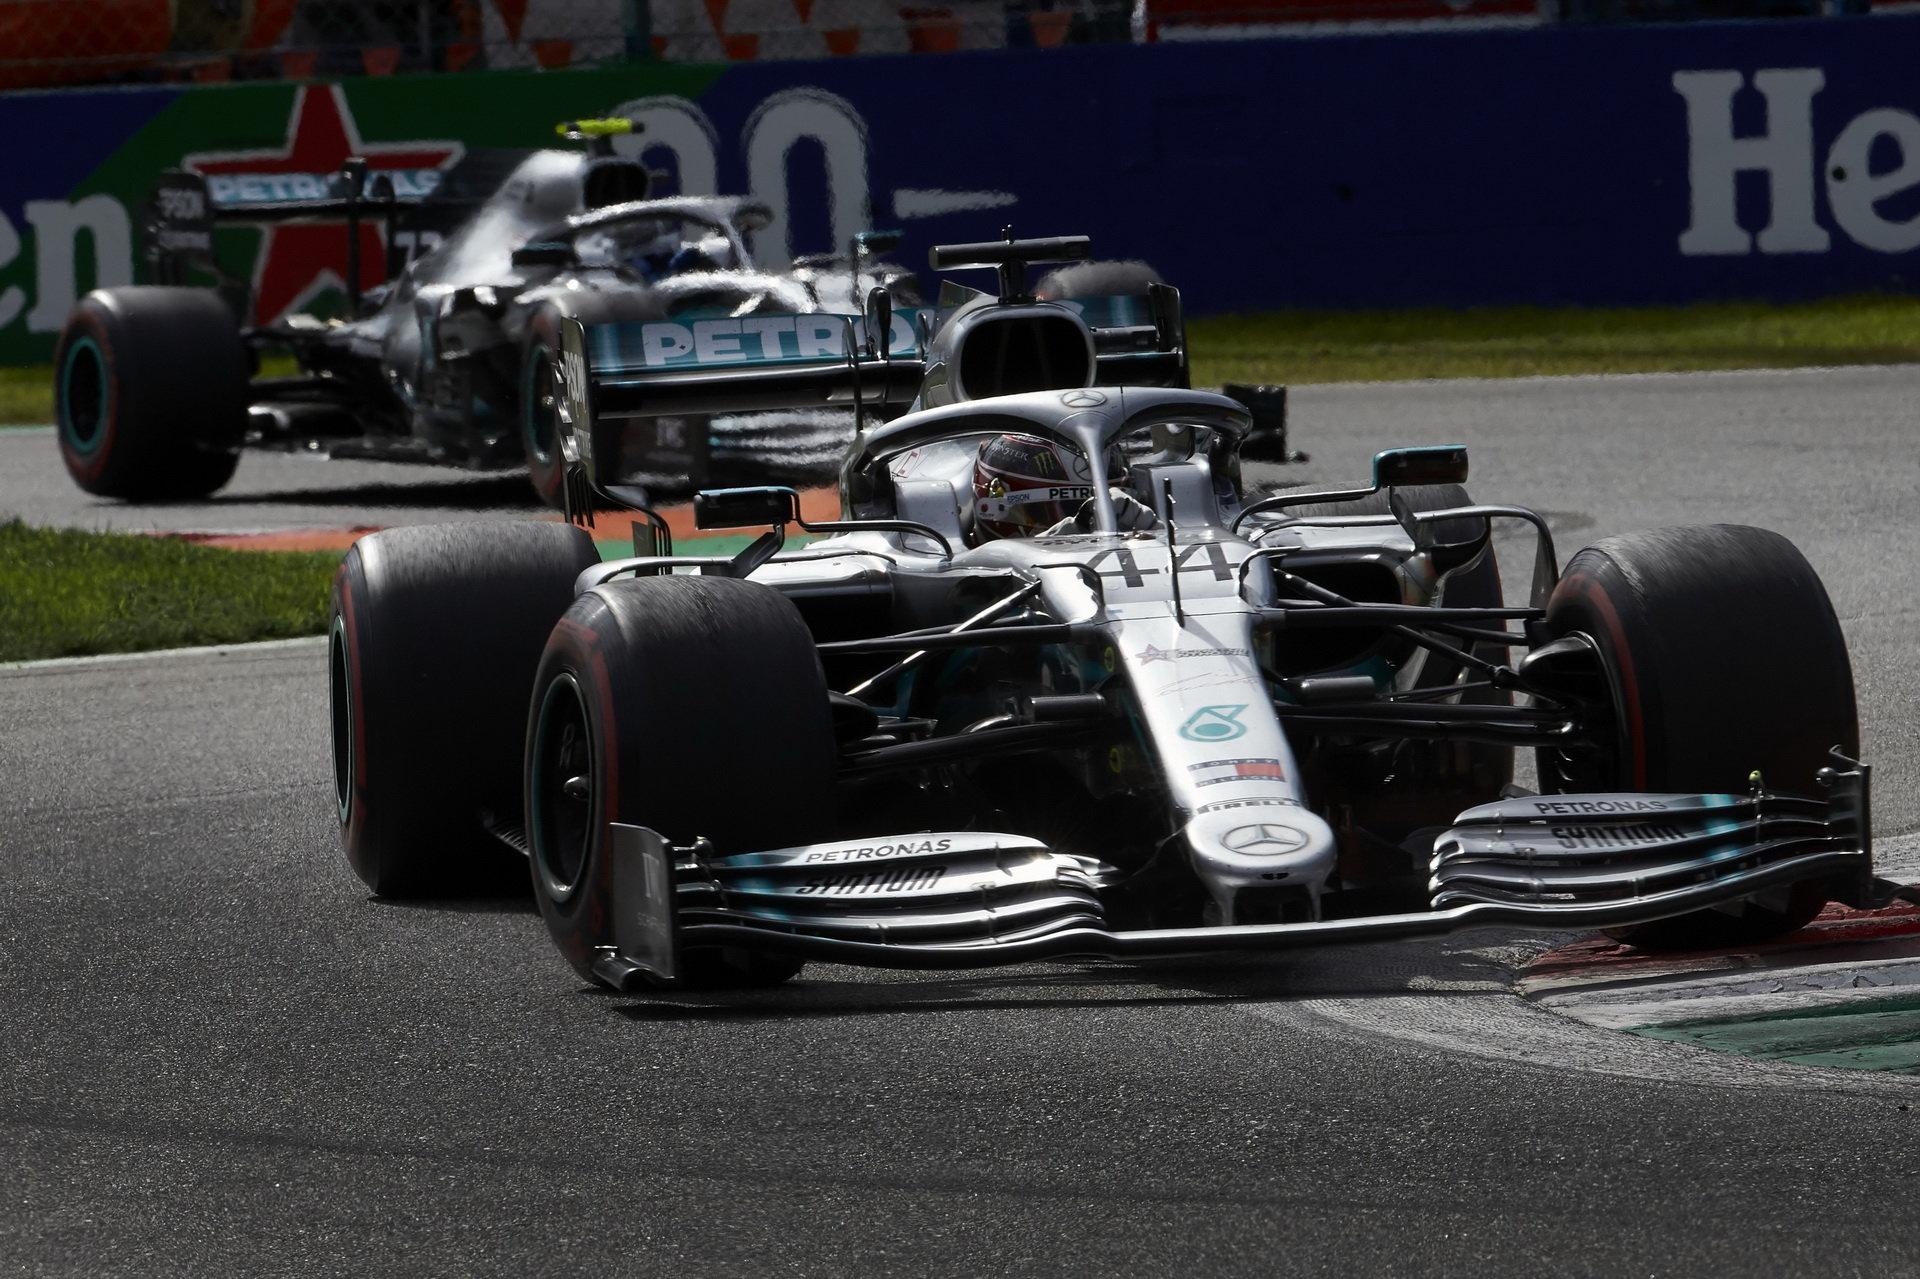 Lewis Hamilton ani Valtteri Bottas z Mercedesu na vítězství v posledních dvou závodech nedosáhli